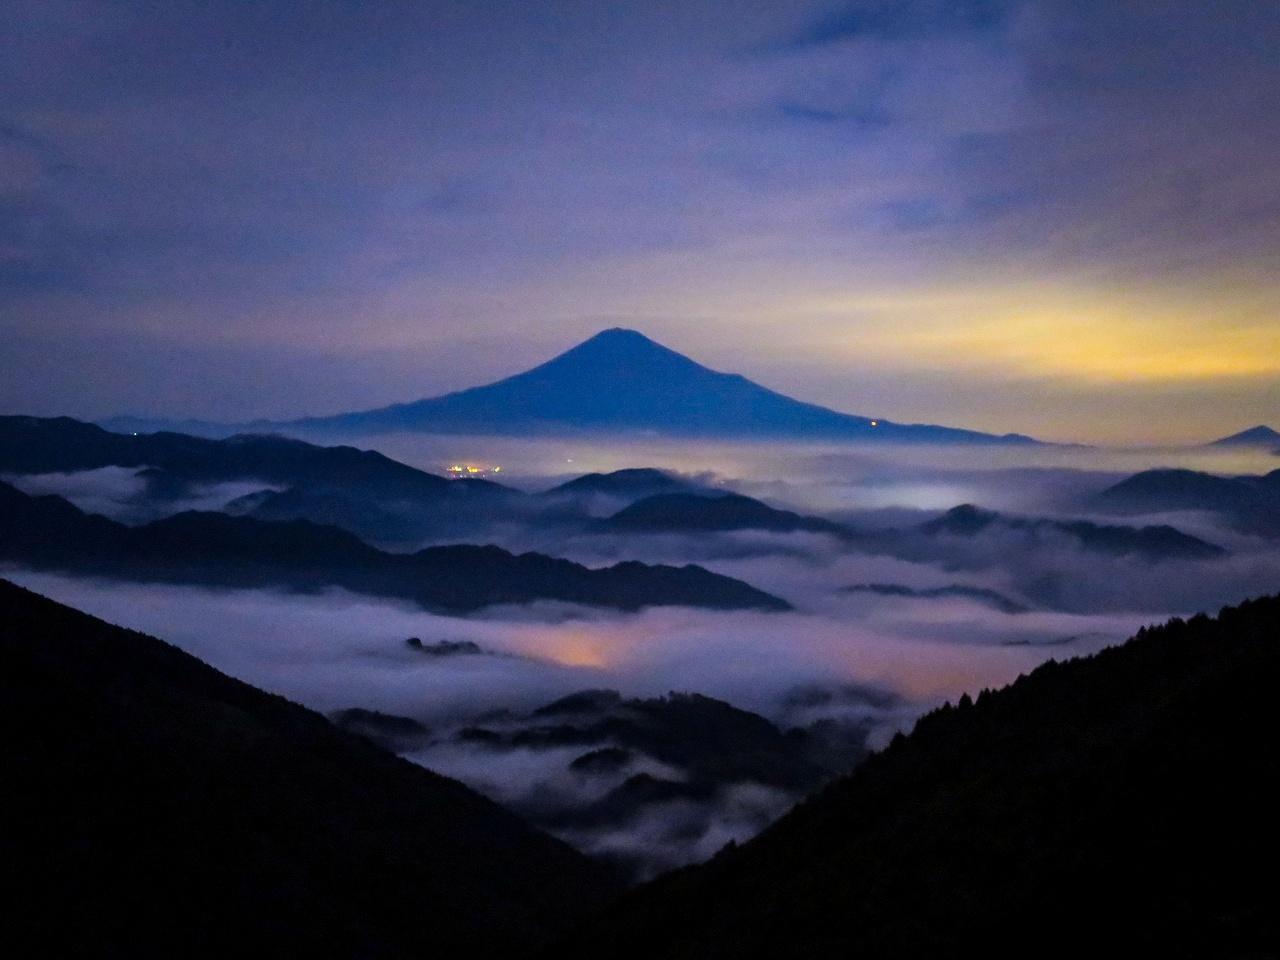 2018.6.24,25夜の富士山と雲海(吉原)_e0321032_15294358.jpg